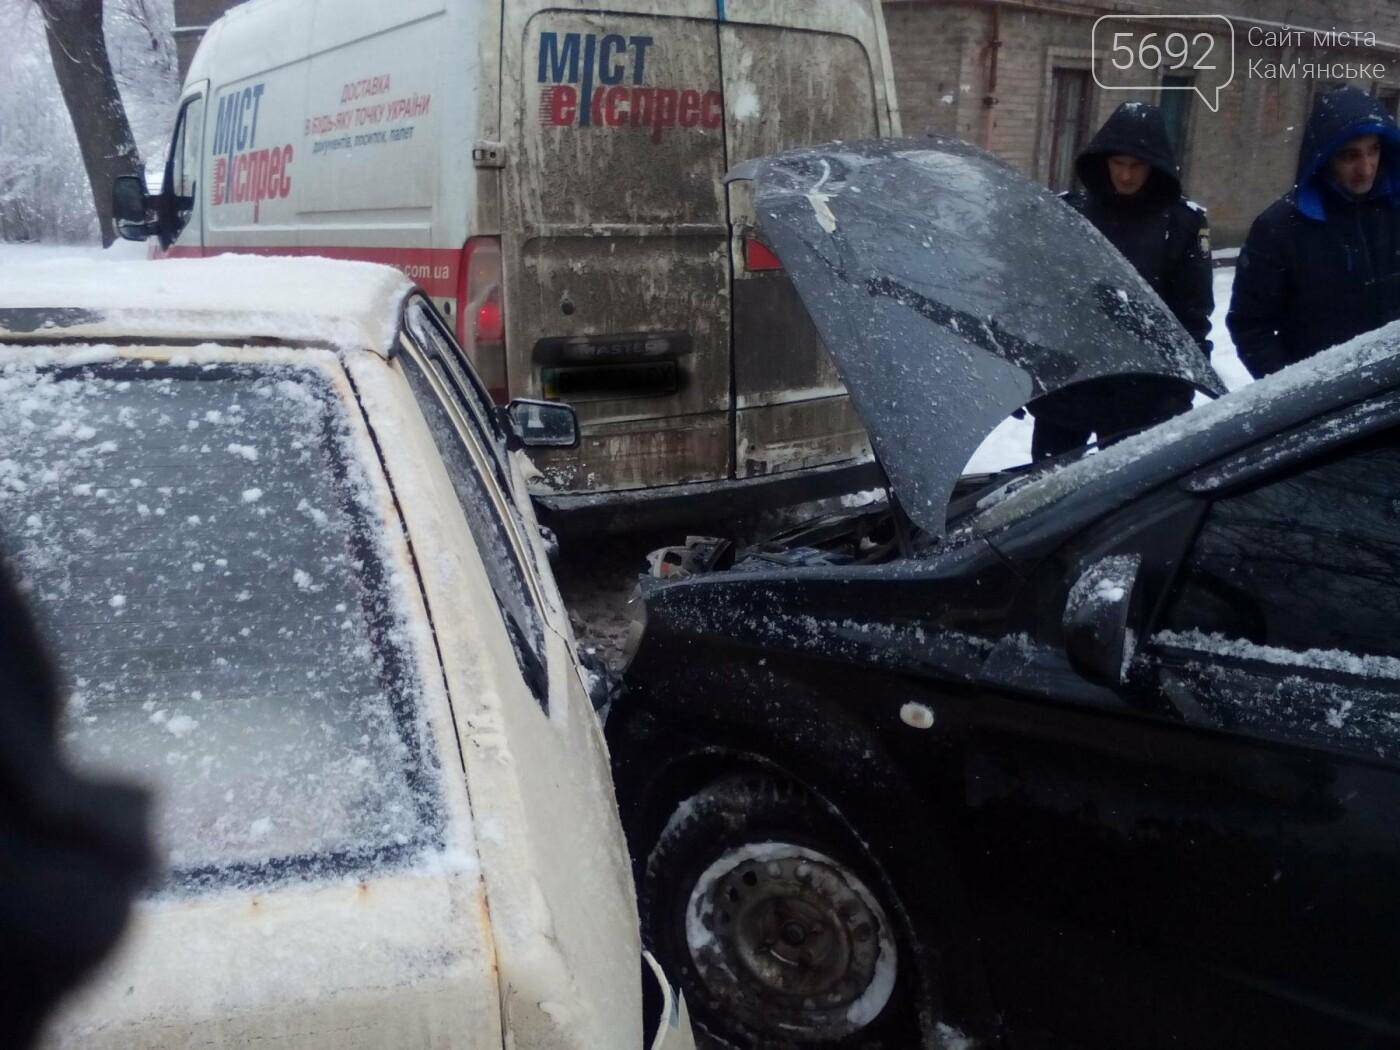 ДТП на Матросова: каменские водители жалуются на нечищеные дороги, фото-3